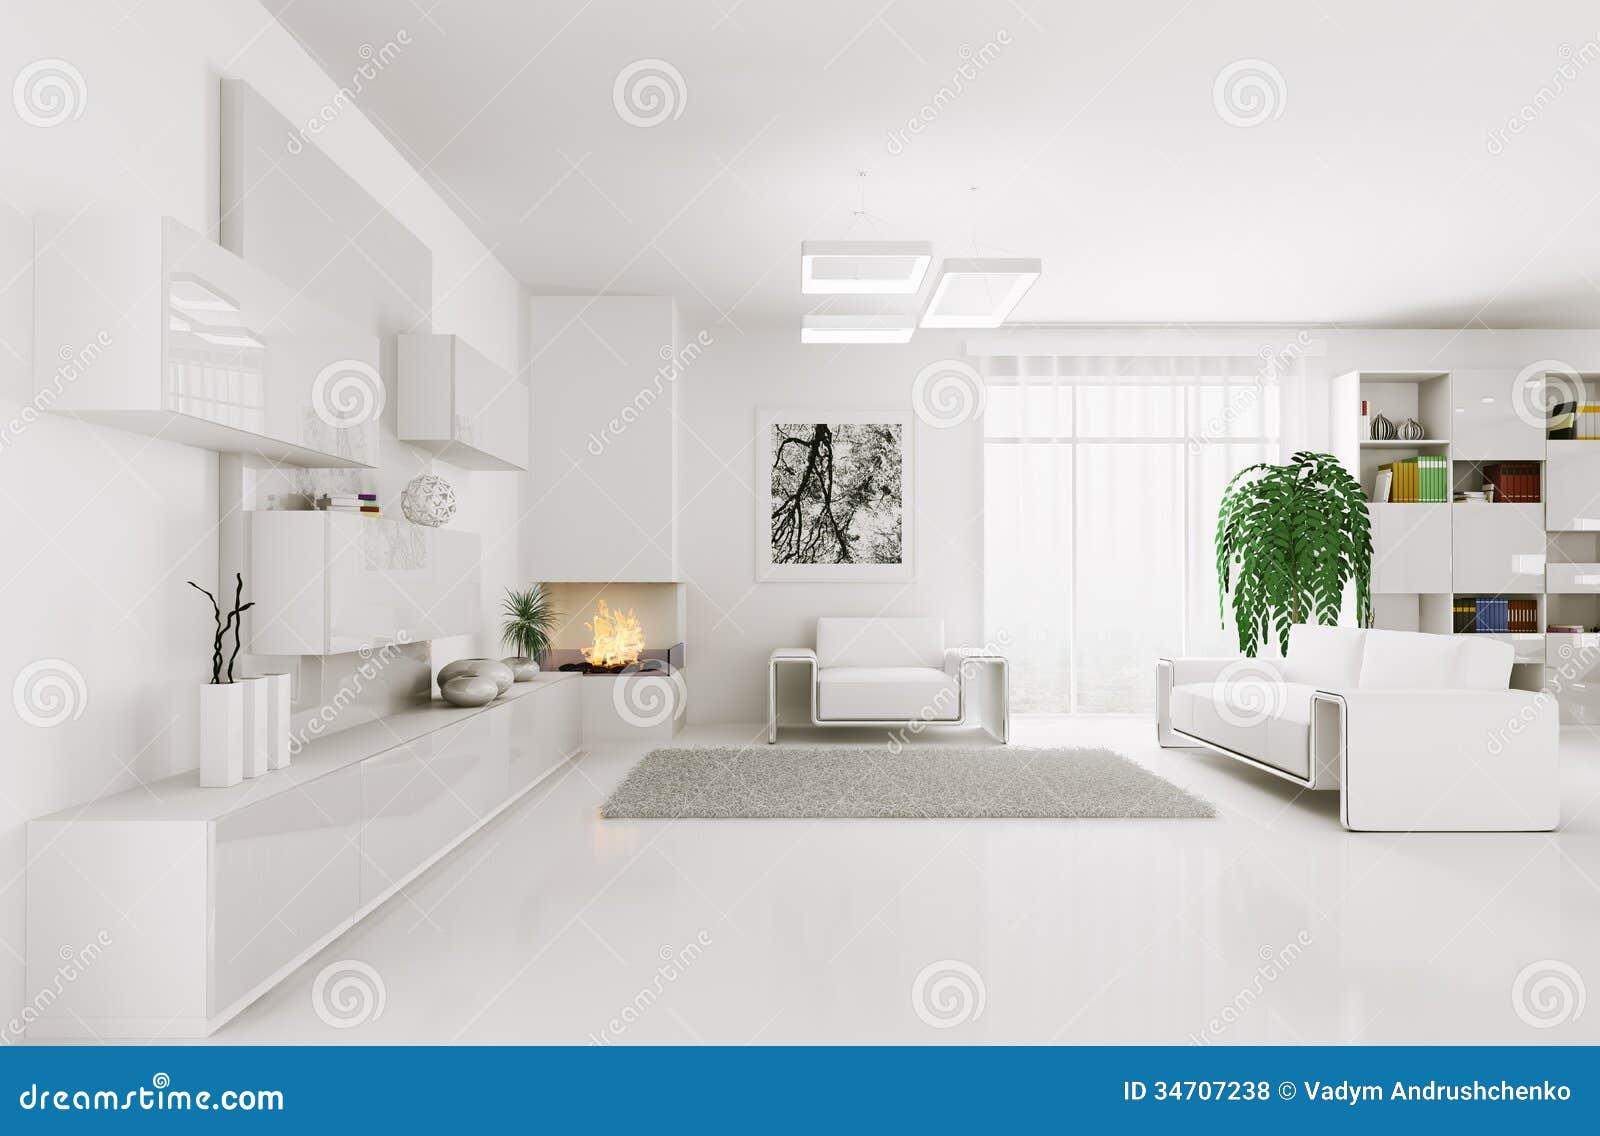 wei es wohnzimmer innen 3d stock abbildung illustration von auslegung 34707238. Black Bedroom Furniture Sets. Home Design Ideas